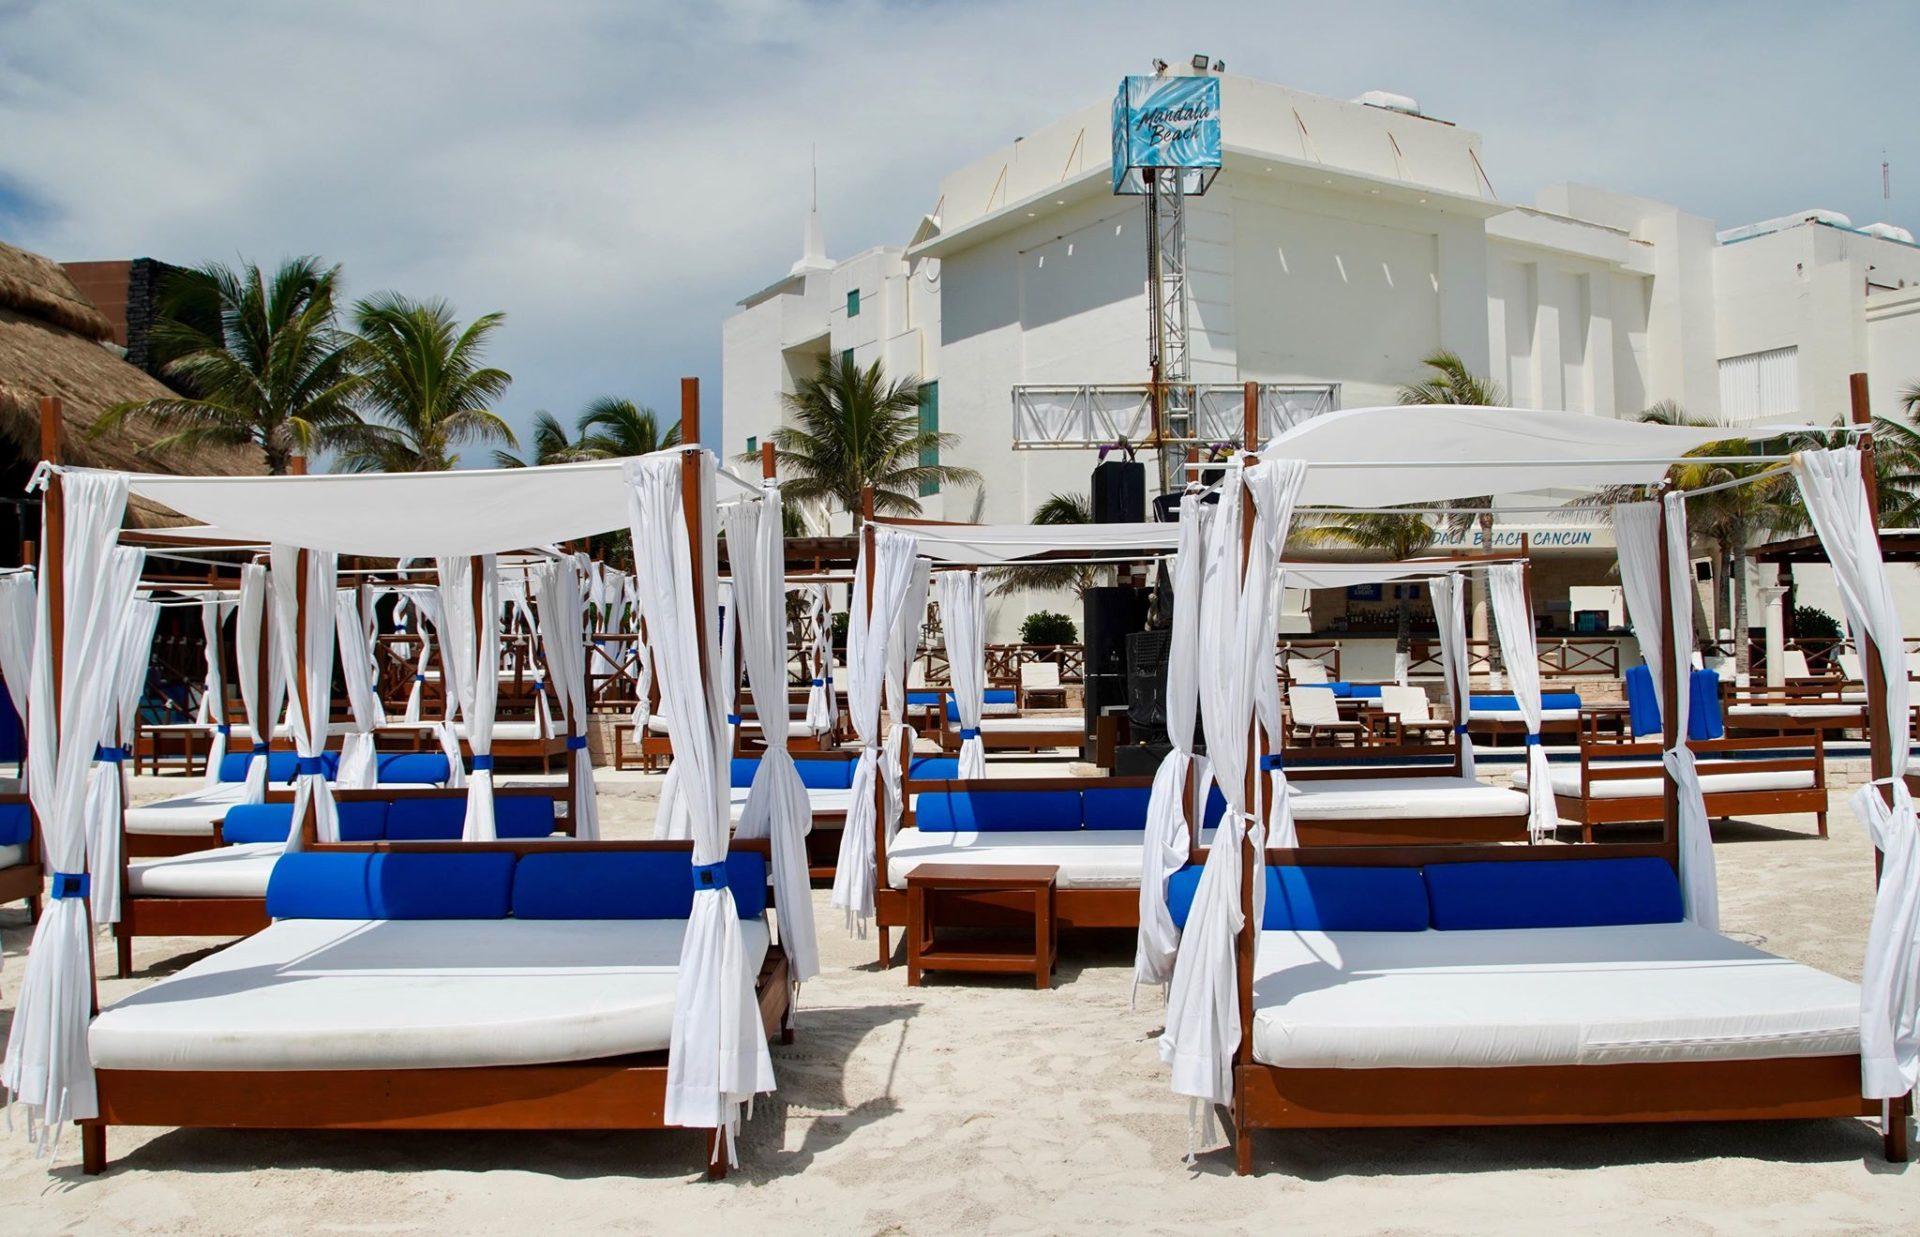 Cancun Beach Clubs Day Parties Vip